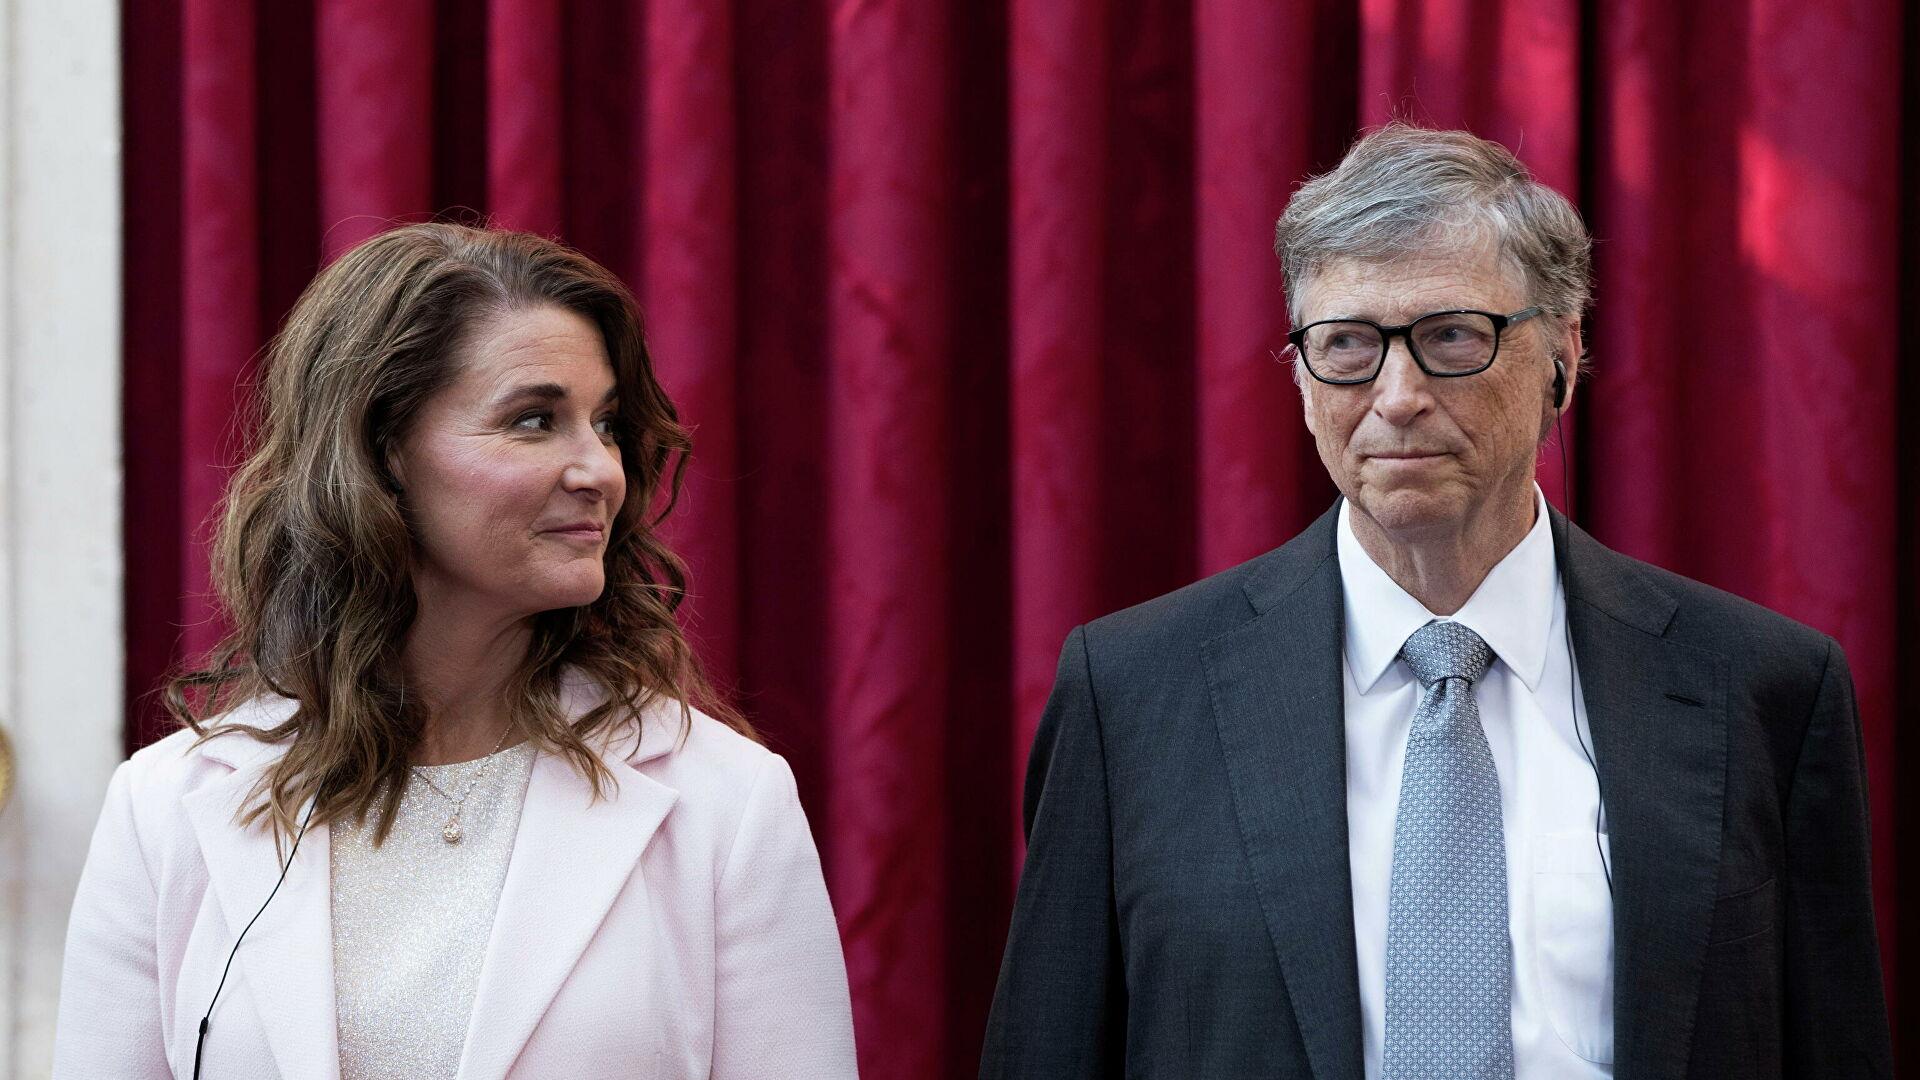 """Билл Гейтс и его супруга Мелинда заявили о том, что """"их брак необратимо разрушен"""""""